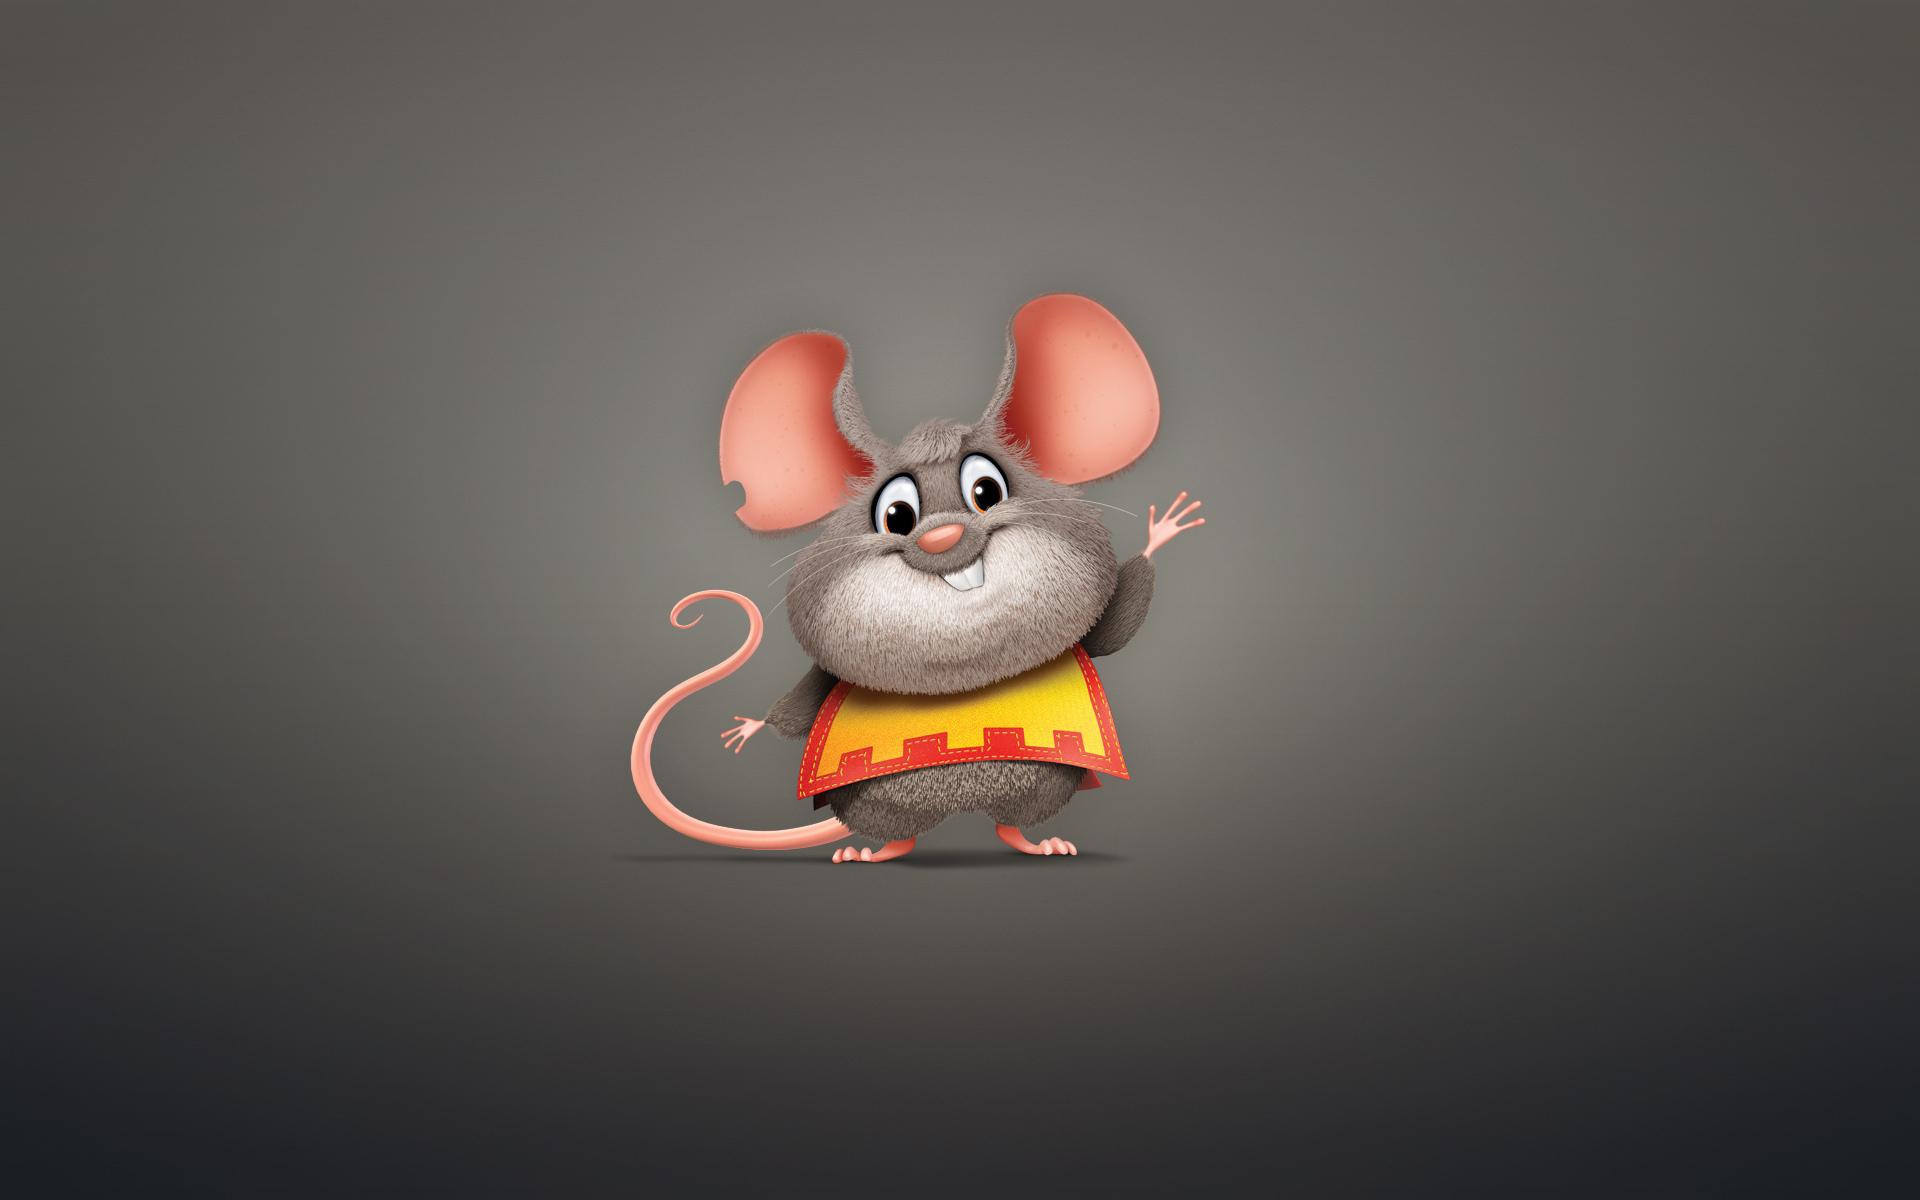 Мышь прикольный рисунок